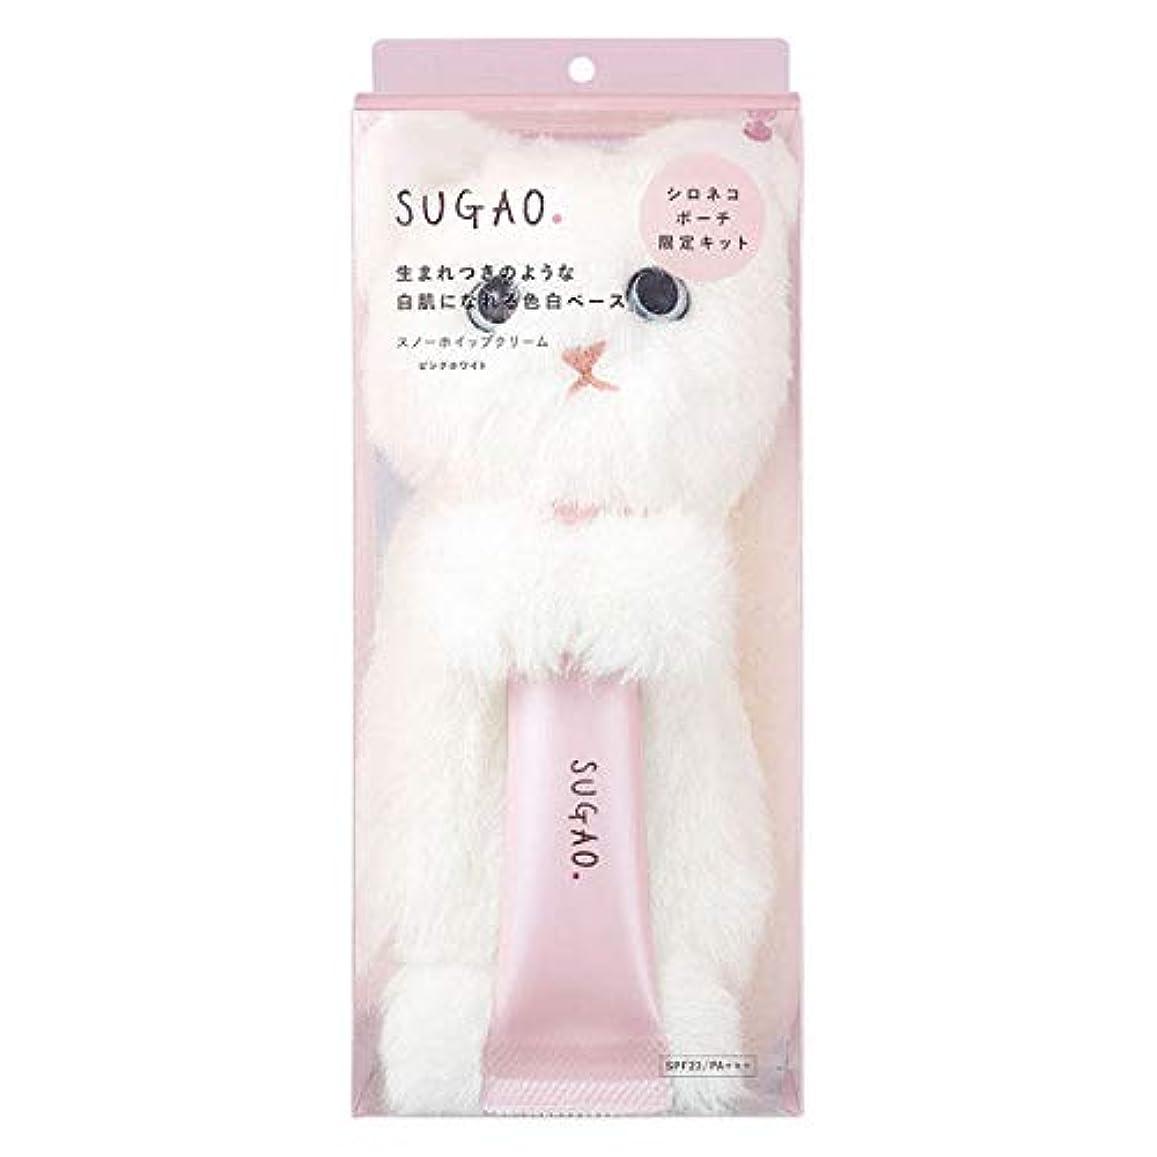 農学猟犬砦SUGAO(スガオ) スノーホイップクリーム ピンクホワイト 25g +シロネコぬいぐるみ付き ロート製薬 [並行輸入品]